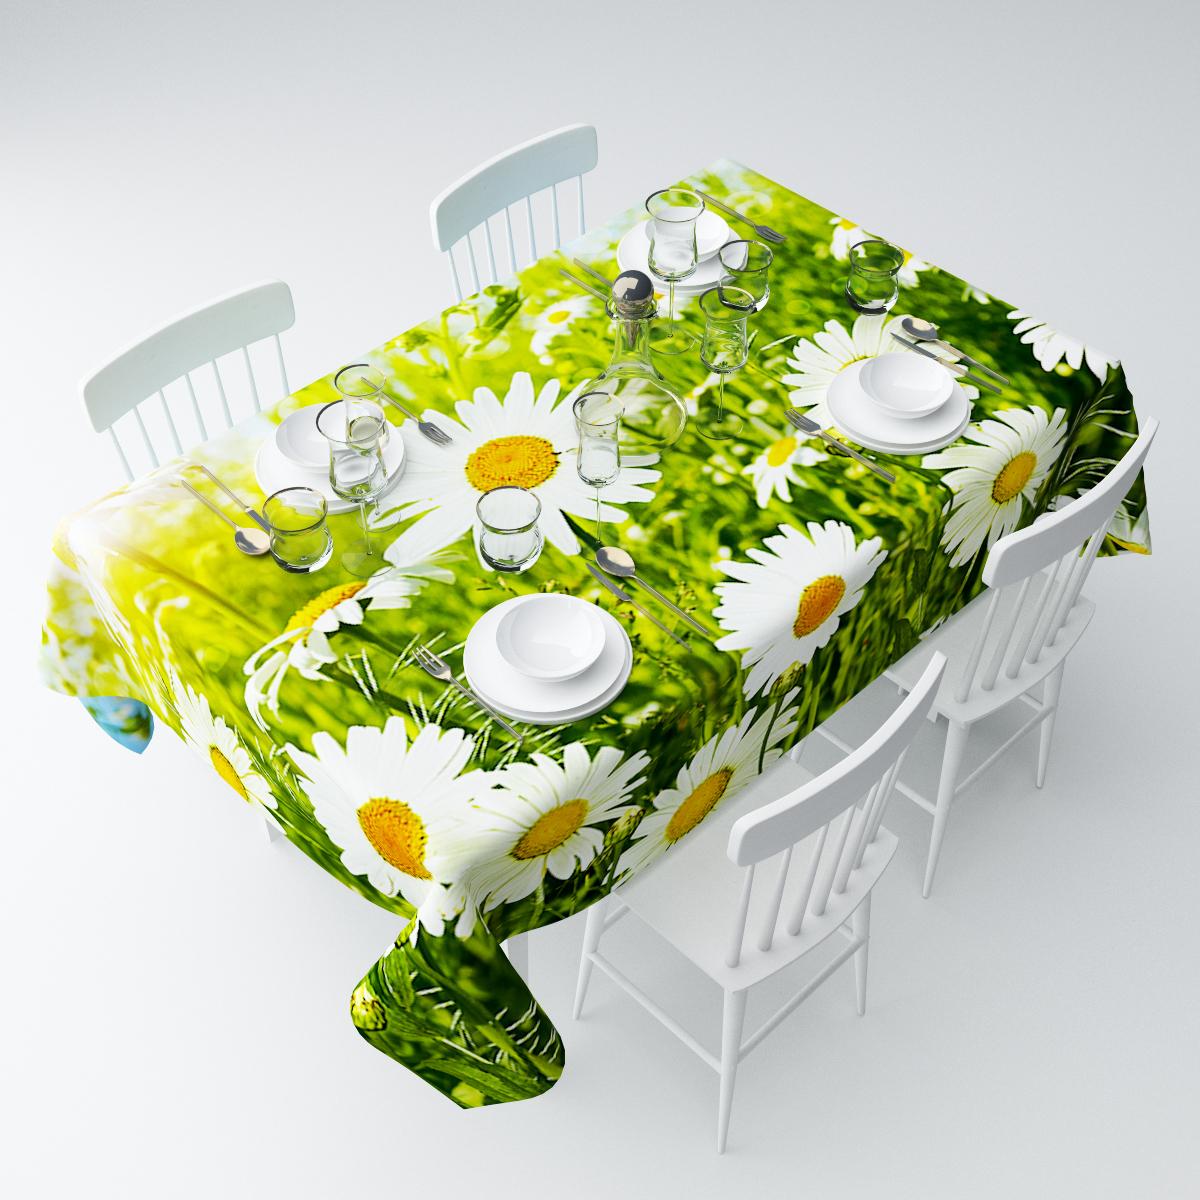 Скатерть Сирень Ромашки в зелени, прямоугольная, 145 х 120 смСКГБ003-08385Прямоугольная скатерть Сирень Ромашки в зелени, выполненная из габардина с ярким рисунком, преобразит вашу кухню, визуально расширит пространство, создаст атмосферу радости и комфорта. Рекомендации по уходу: стирка при 30 градусах, гладить при температуре до 110 градусов.Размер скатерти: 145 х 120 см. Изображение может немного отличаться от реального.